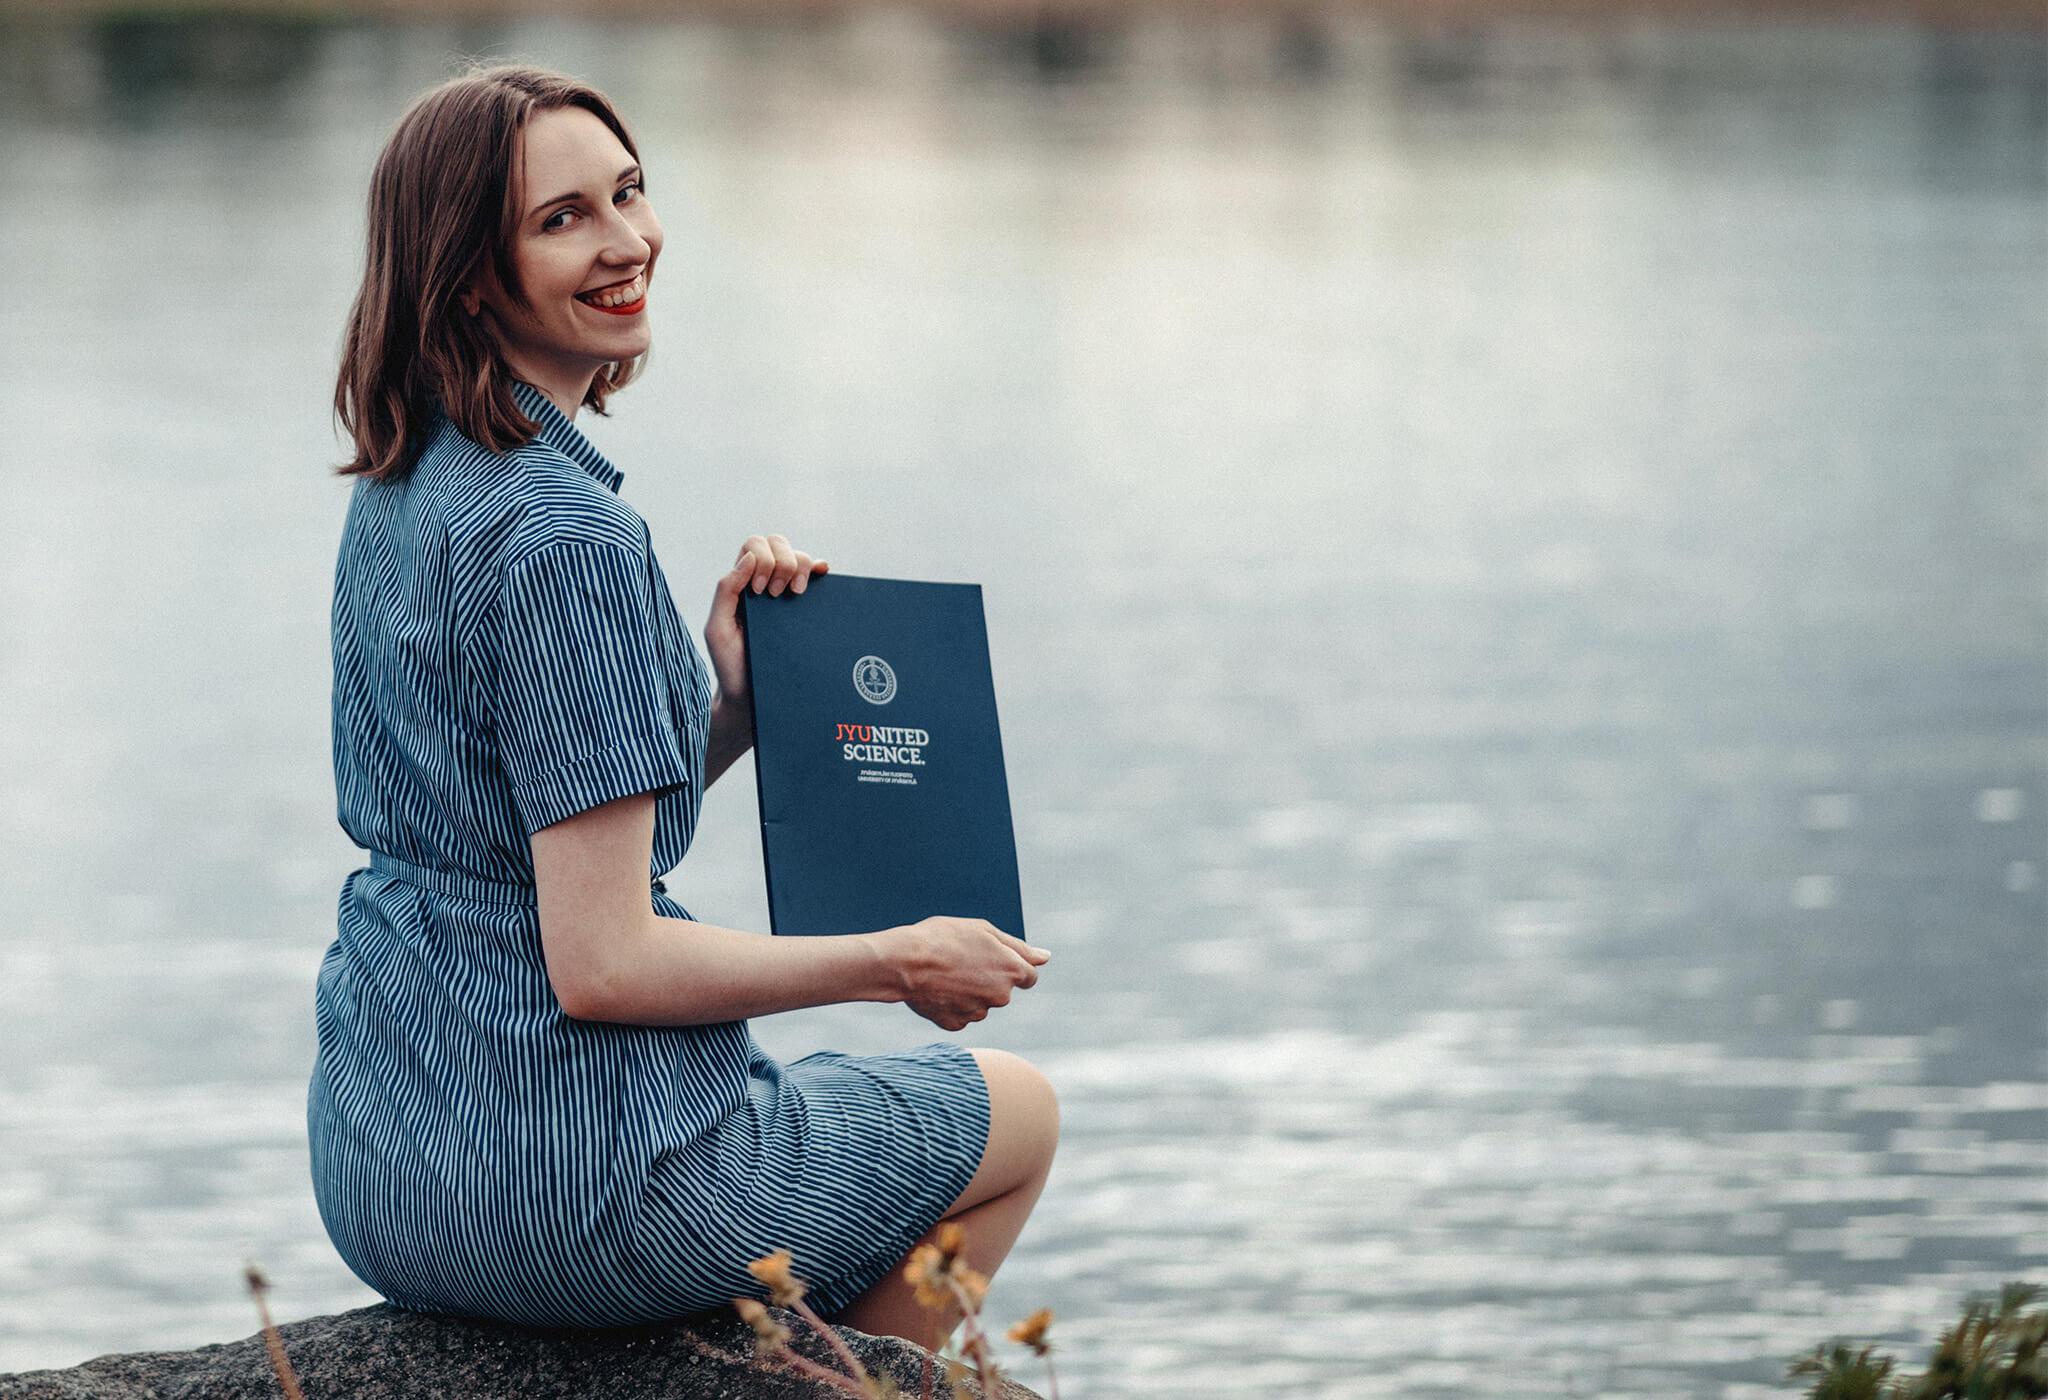 valmistujaiskuvaus Jyväskylän Äijälänrannassa